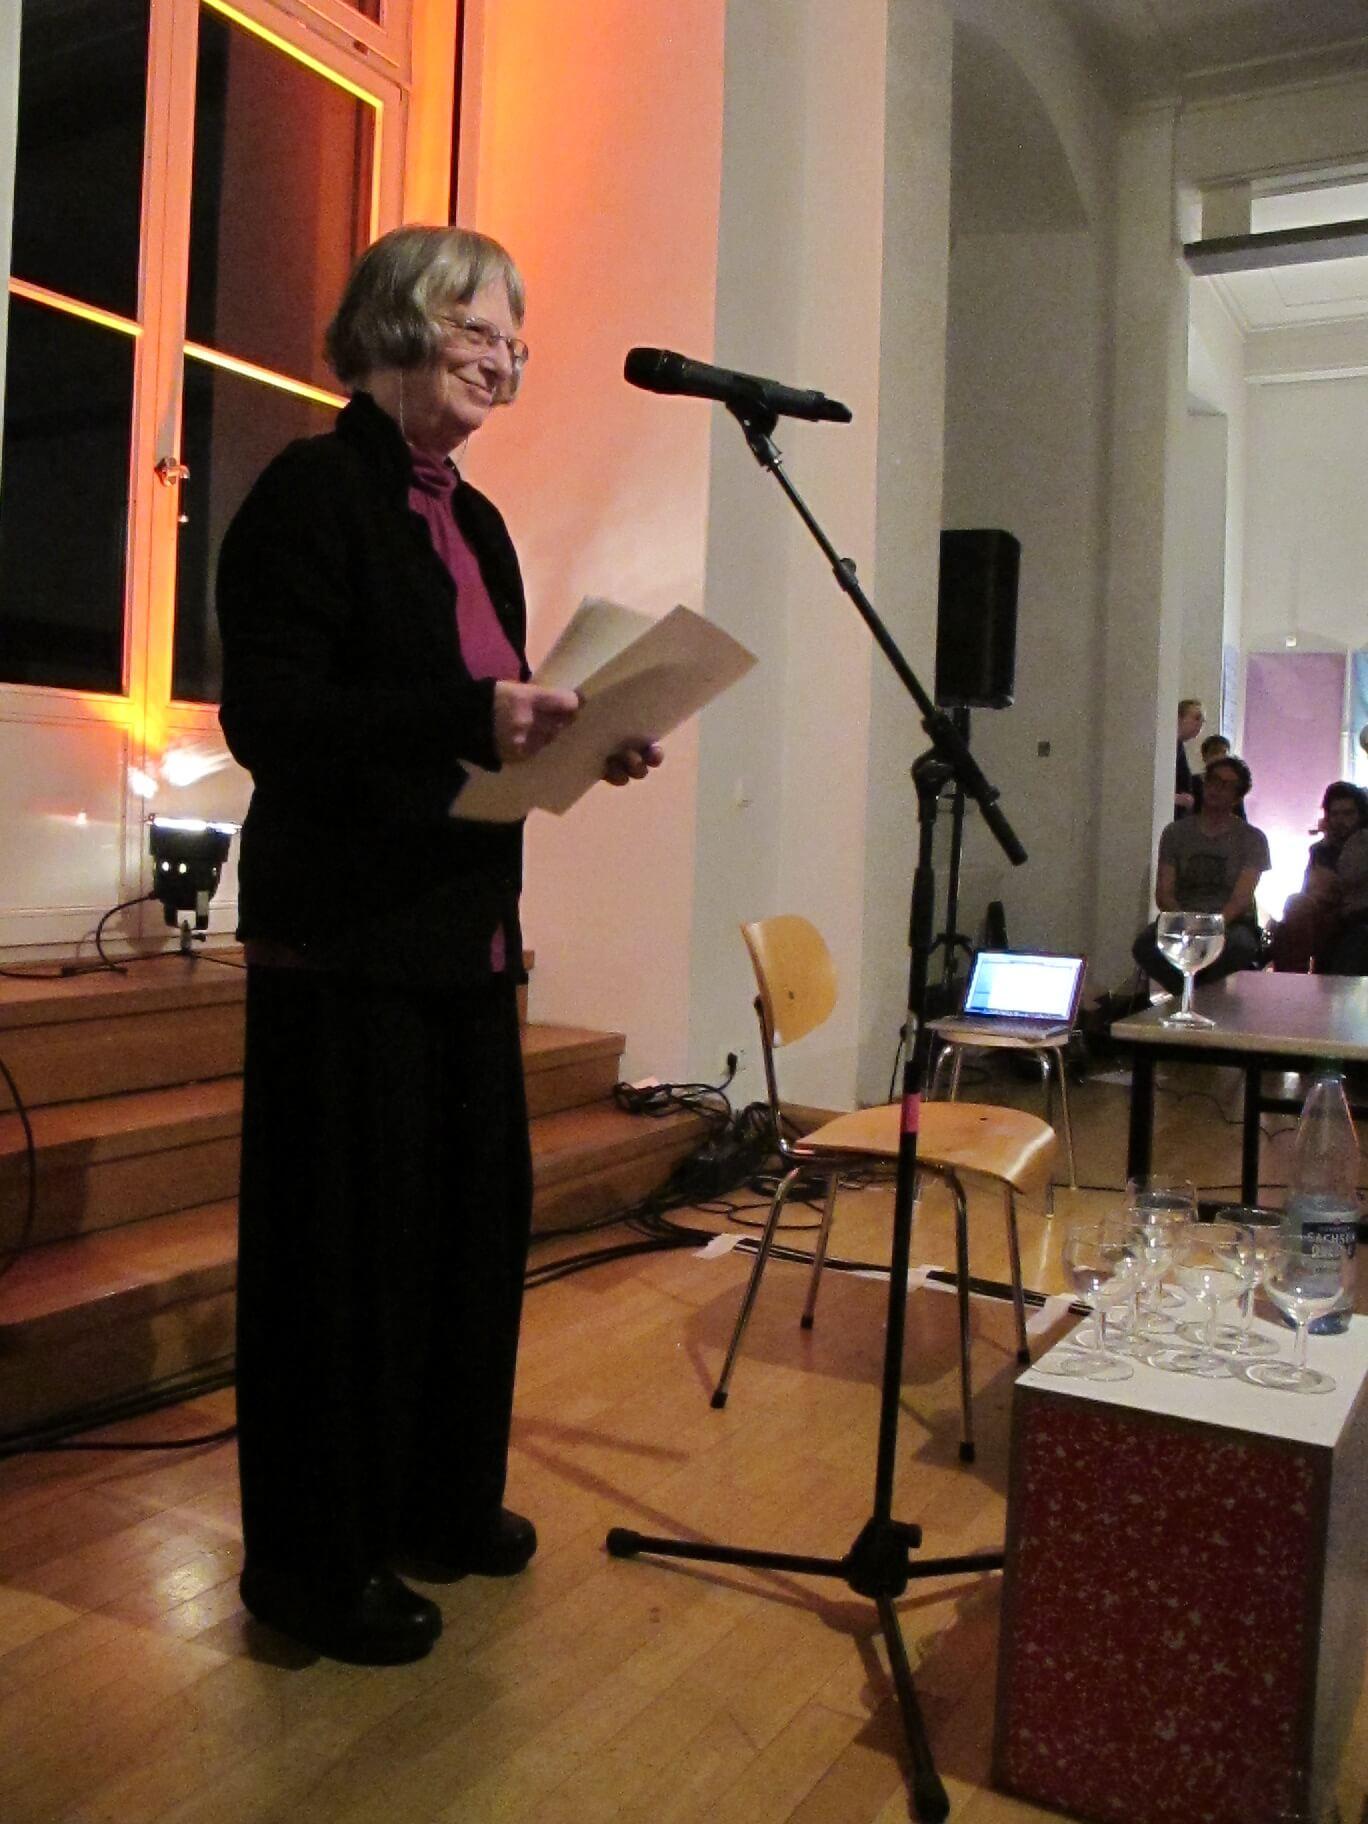 Leipzig Buchmesse 2014 elke erb - Schreib-Ich, es setzt auf mich. Zu Elke Erb